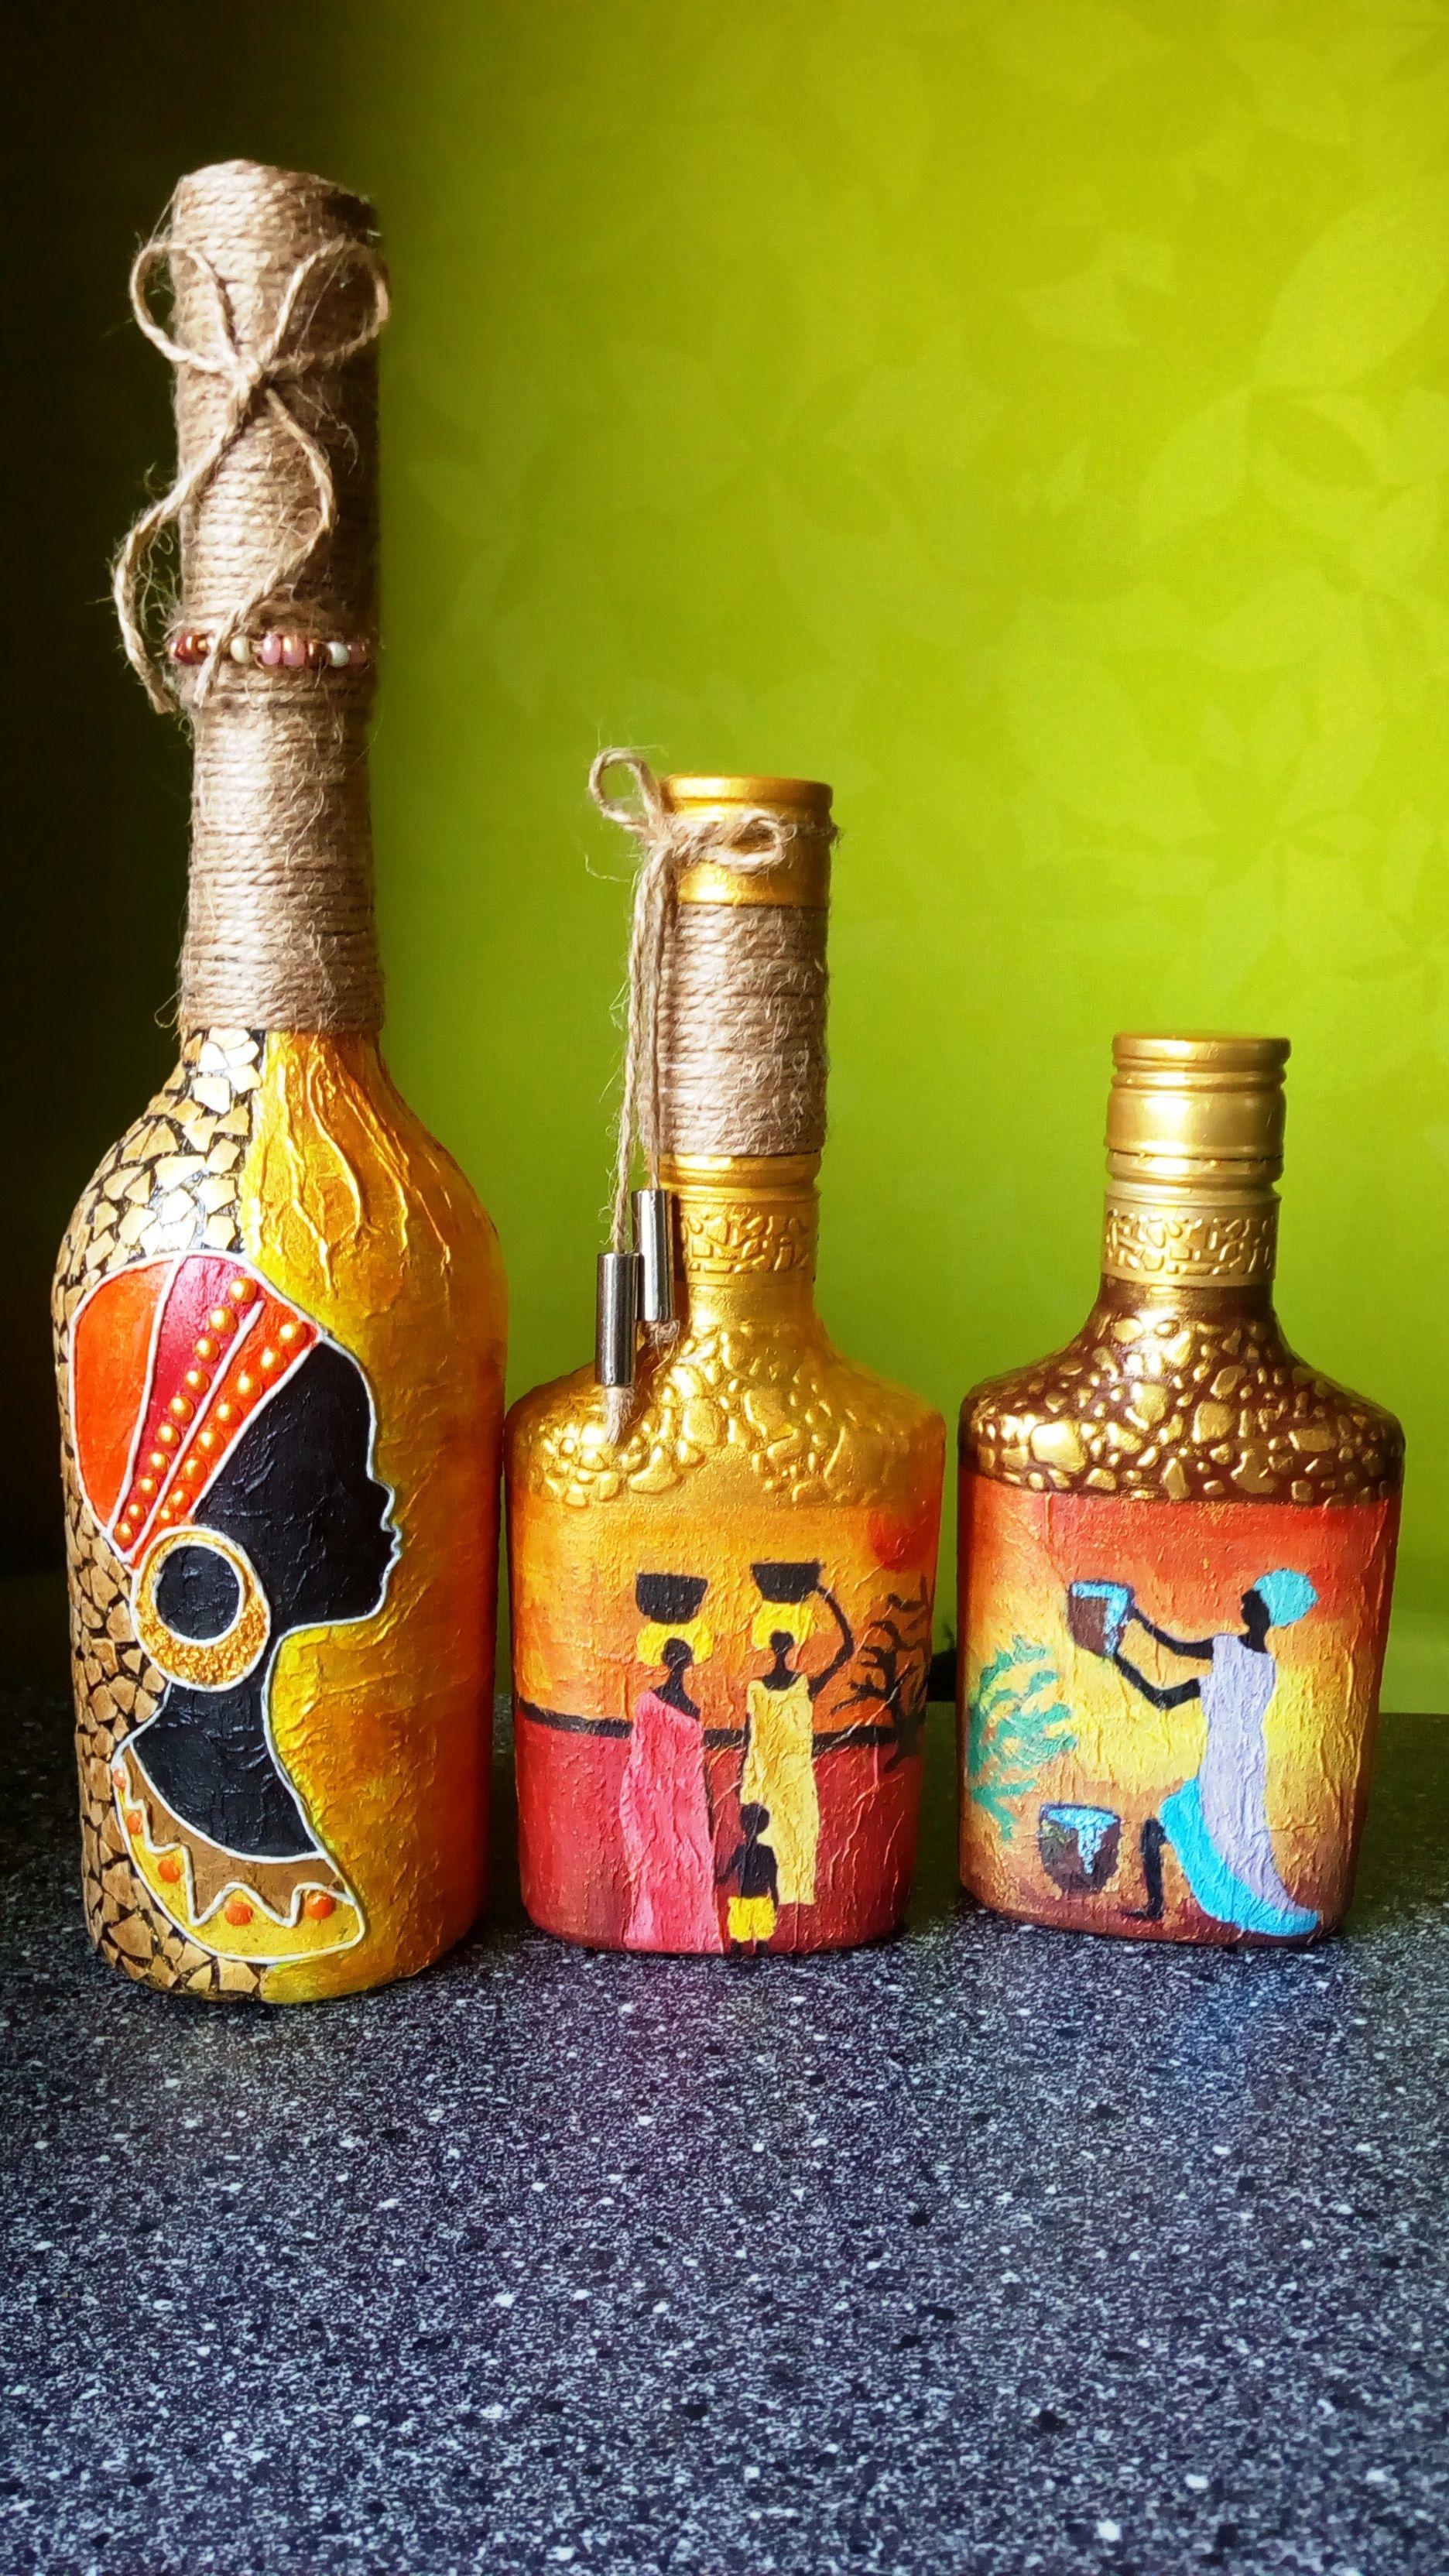 Pin By Ahmana Kali On Diy Bottles Bottle Art Wine Bottle Crafts